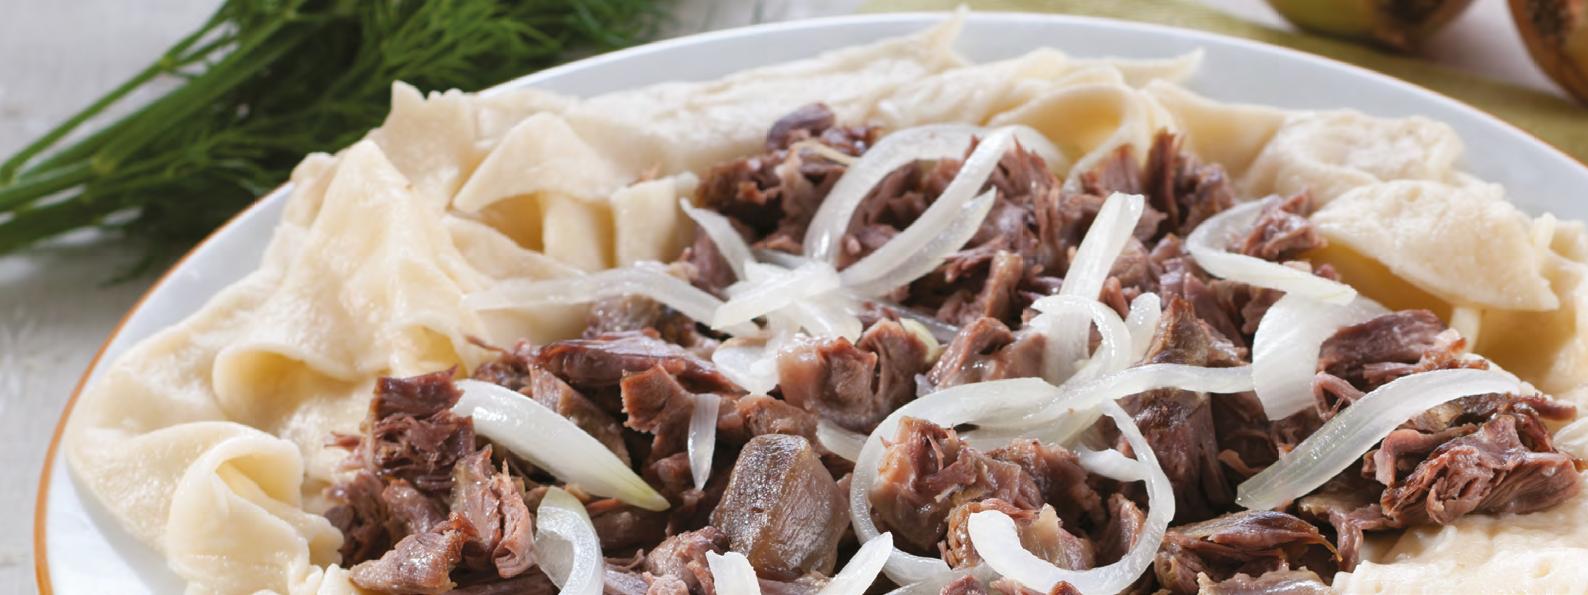 нужные казахская кухня бешбармак рецепт с фото южные